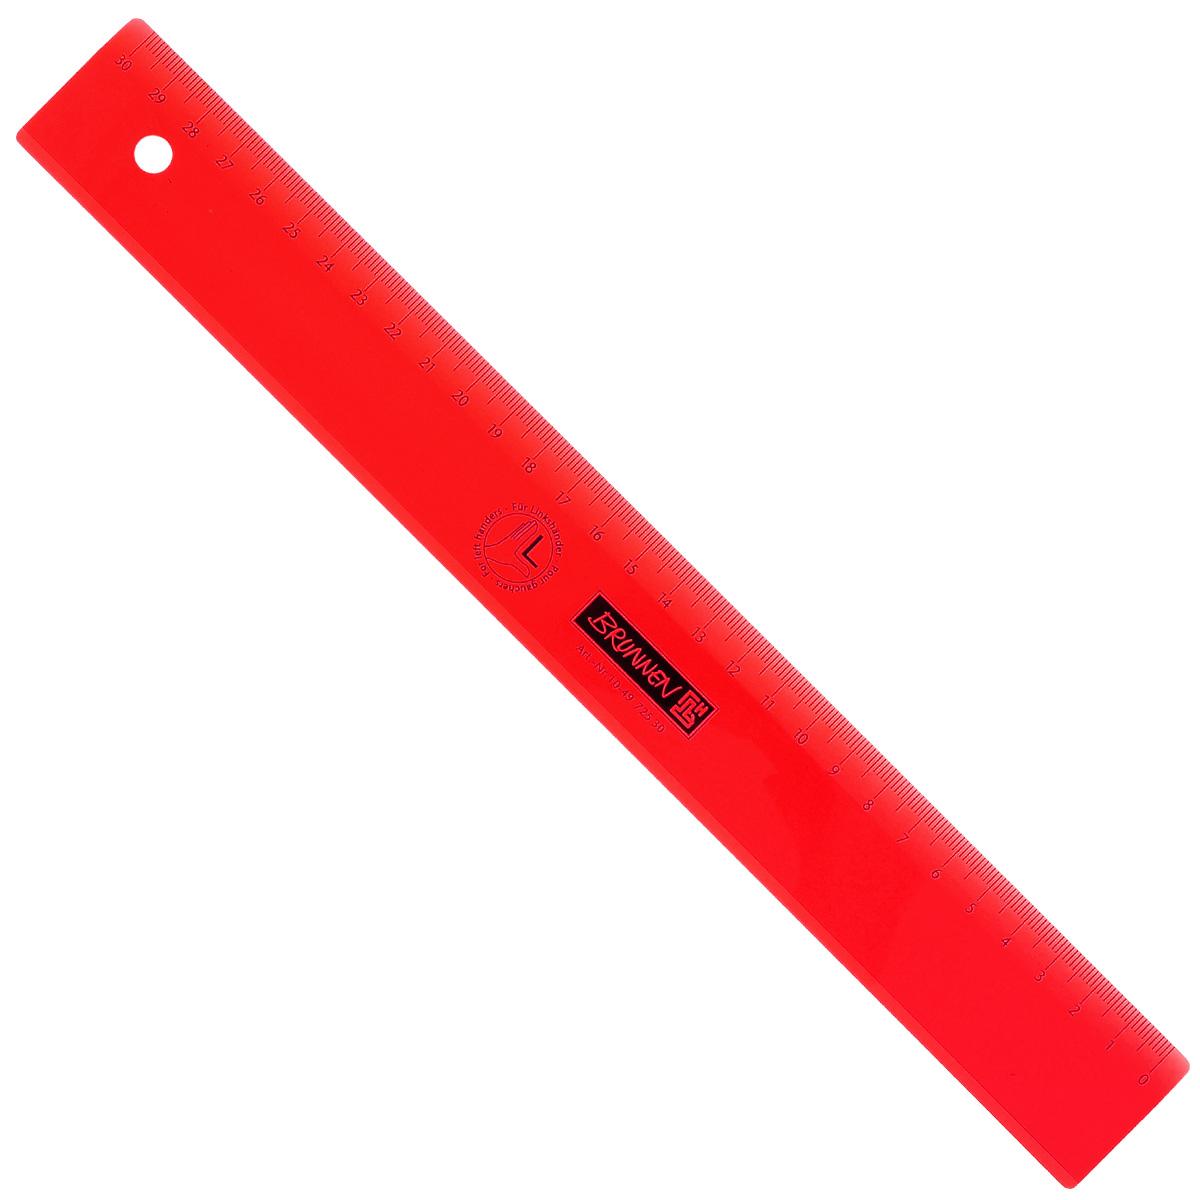 Линейка для левши Brunnen, цвет: красный, 30 см72523WDЛинейка Brunnen, длиной 30 см, выполнена из прозрачного пластика красного цвета. Линейка предназначена специально для левшей. Шкала на линейке расположена справа налево. Линейка Brunnen - это незаменимый атрибут, необходимый школьнику или студенту, упрощающий измерение и обеспечивающий ровность проводимых линий.